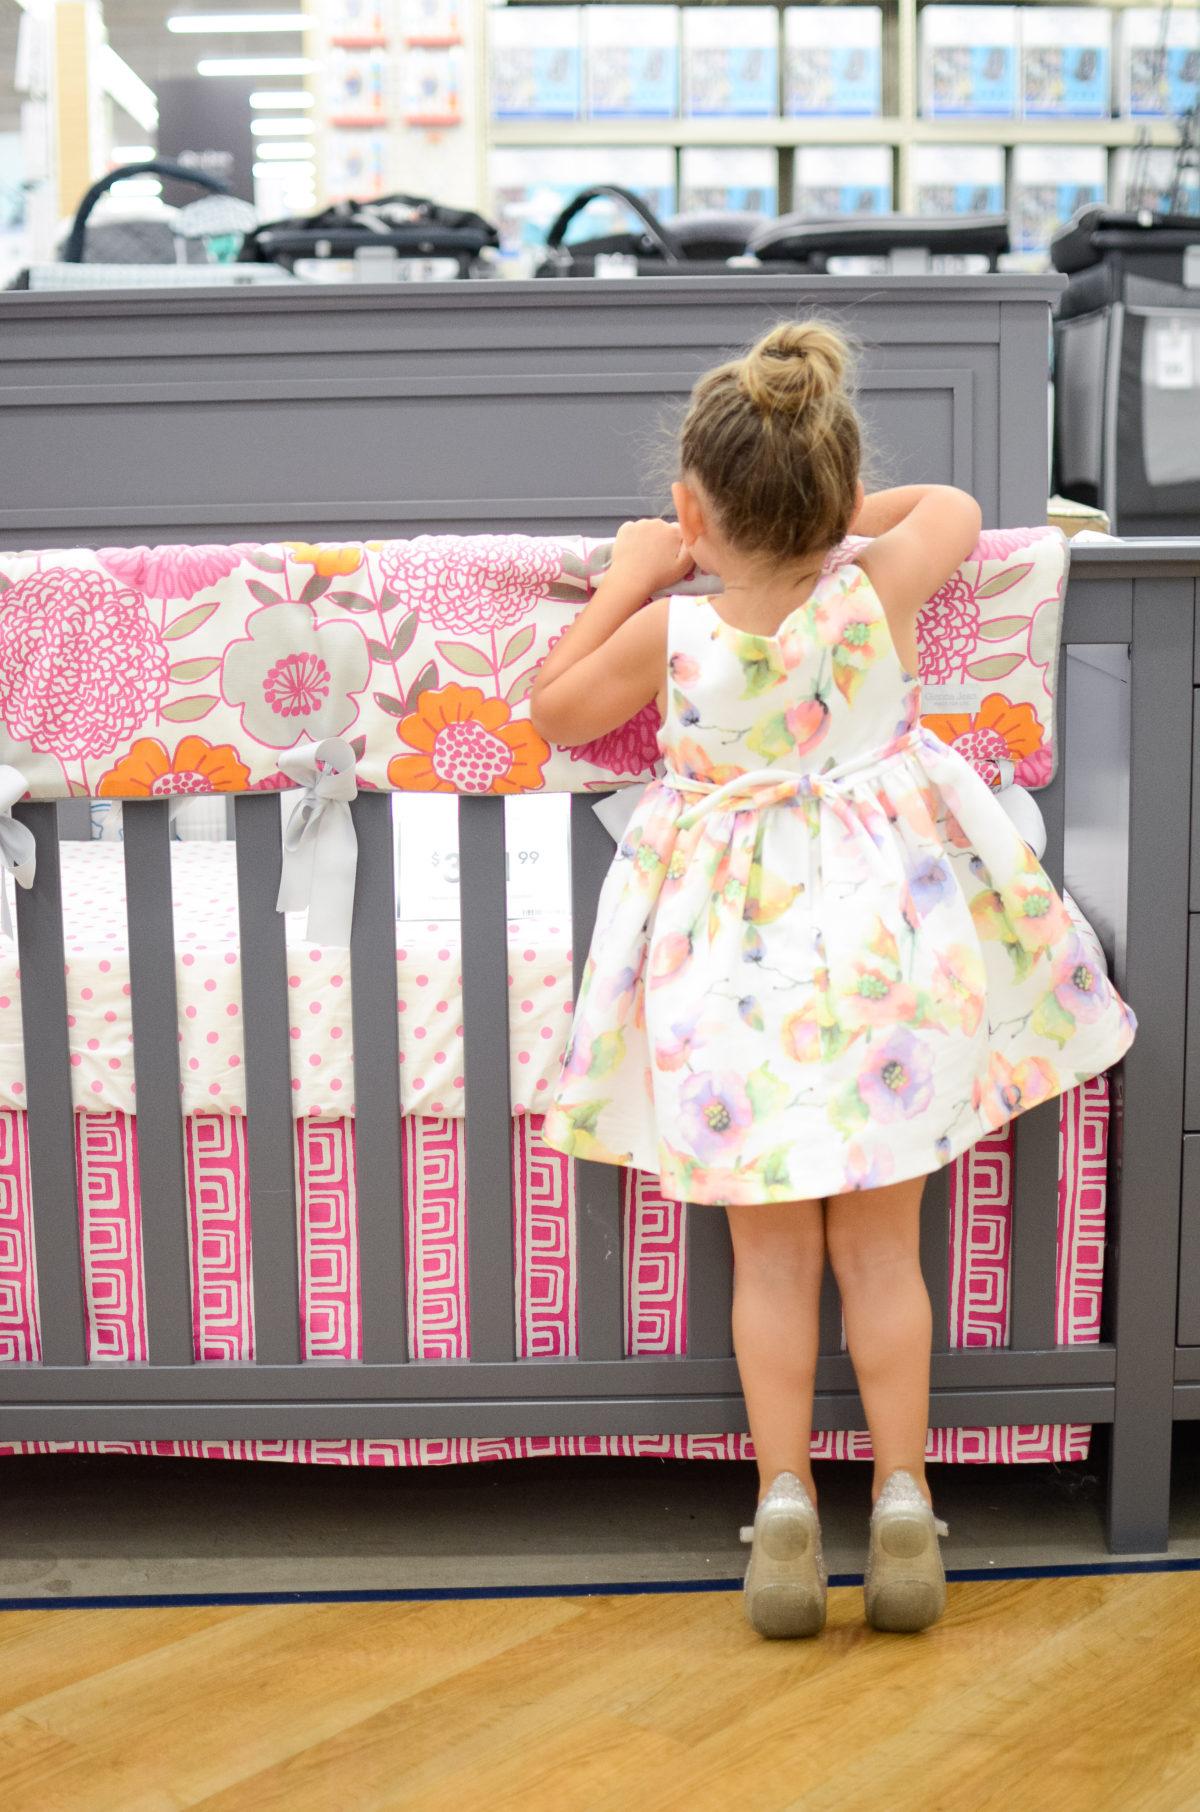 buybuy BABY nursery furniture